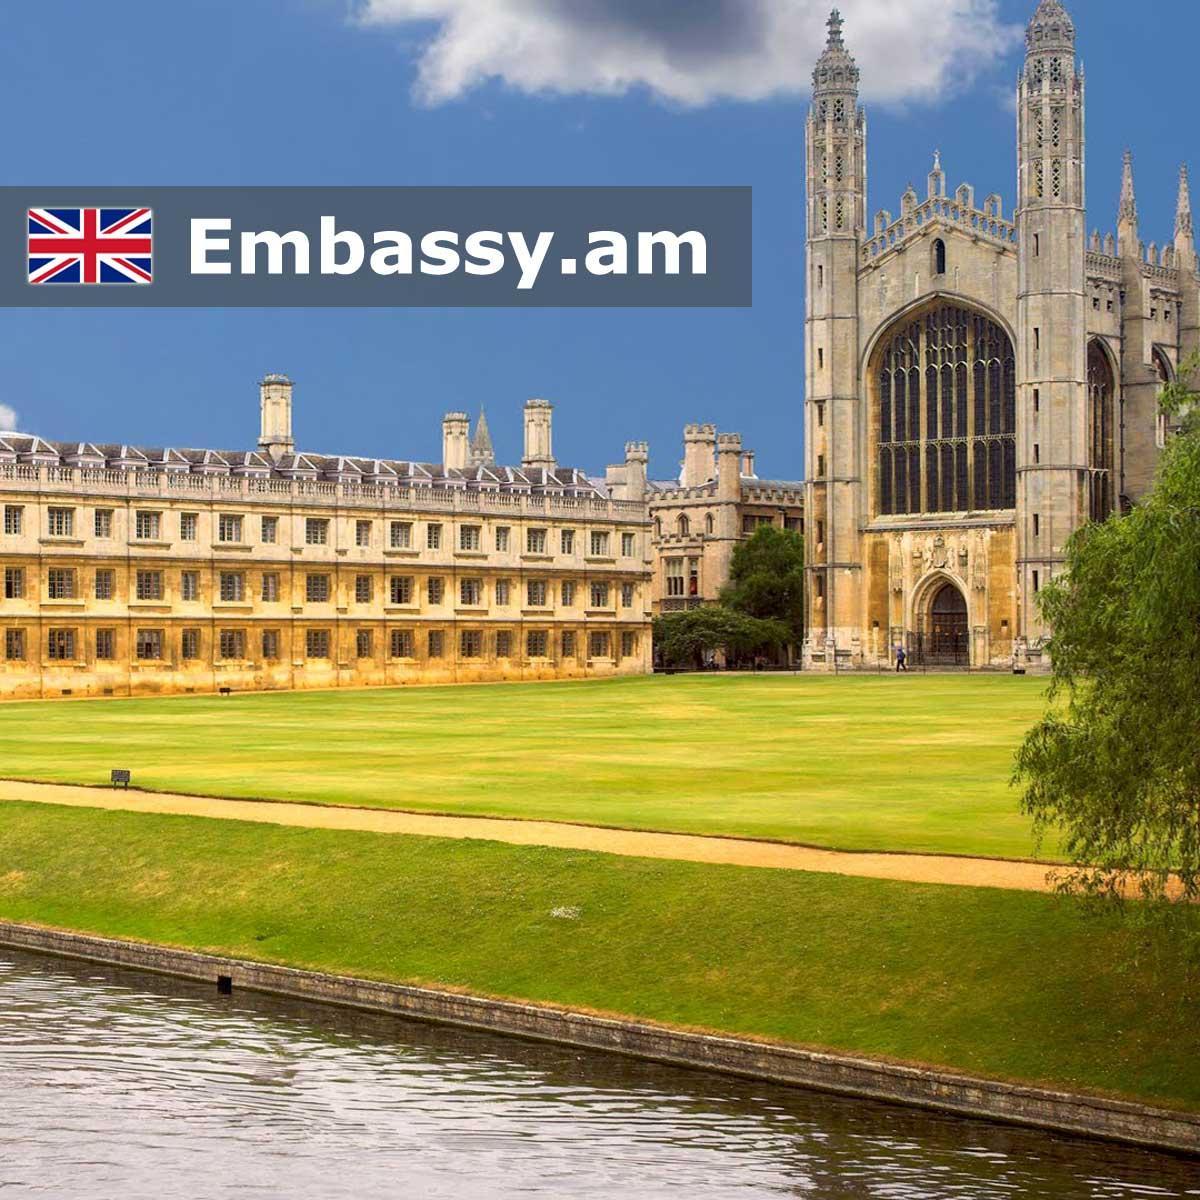 Քեմբրիջ - Հյուրանոցներ Միացյալ Թագավորությունում - Embassy.am